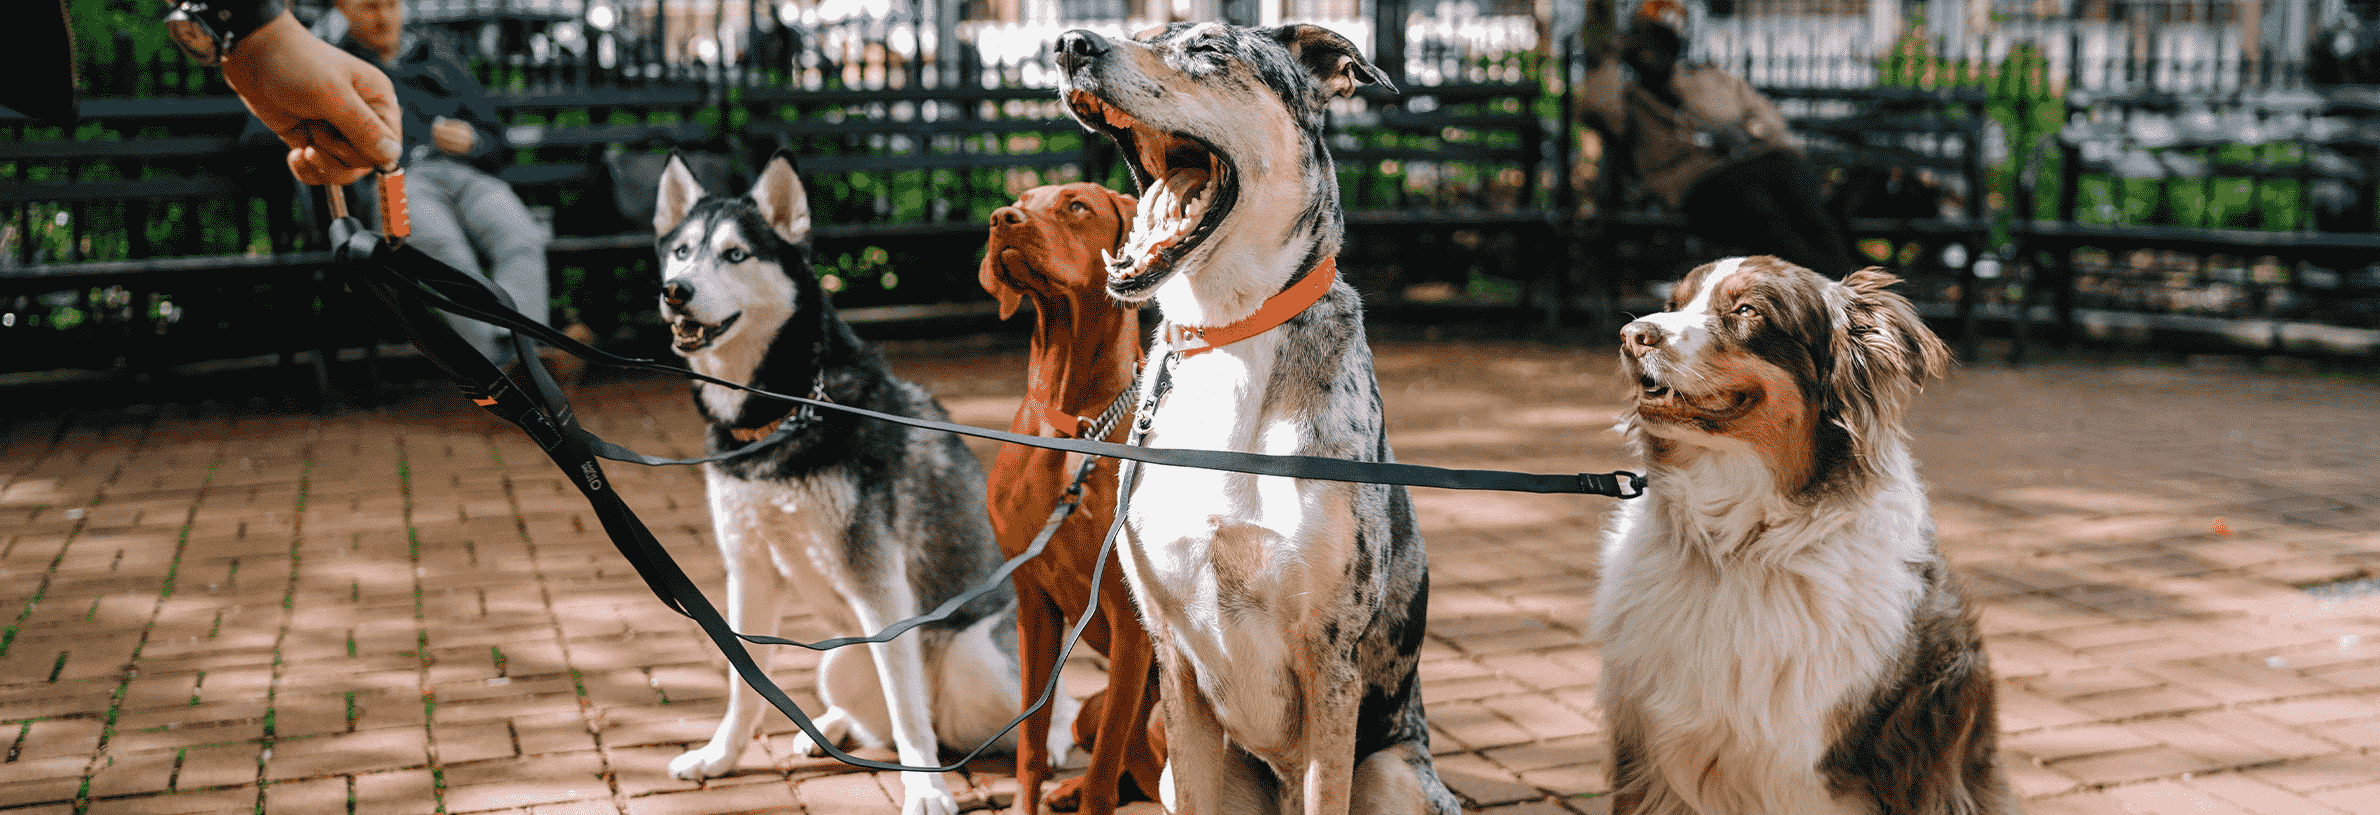 staar bij honden